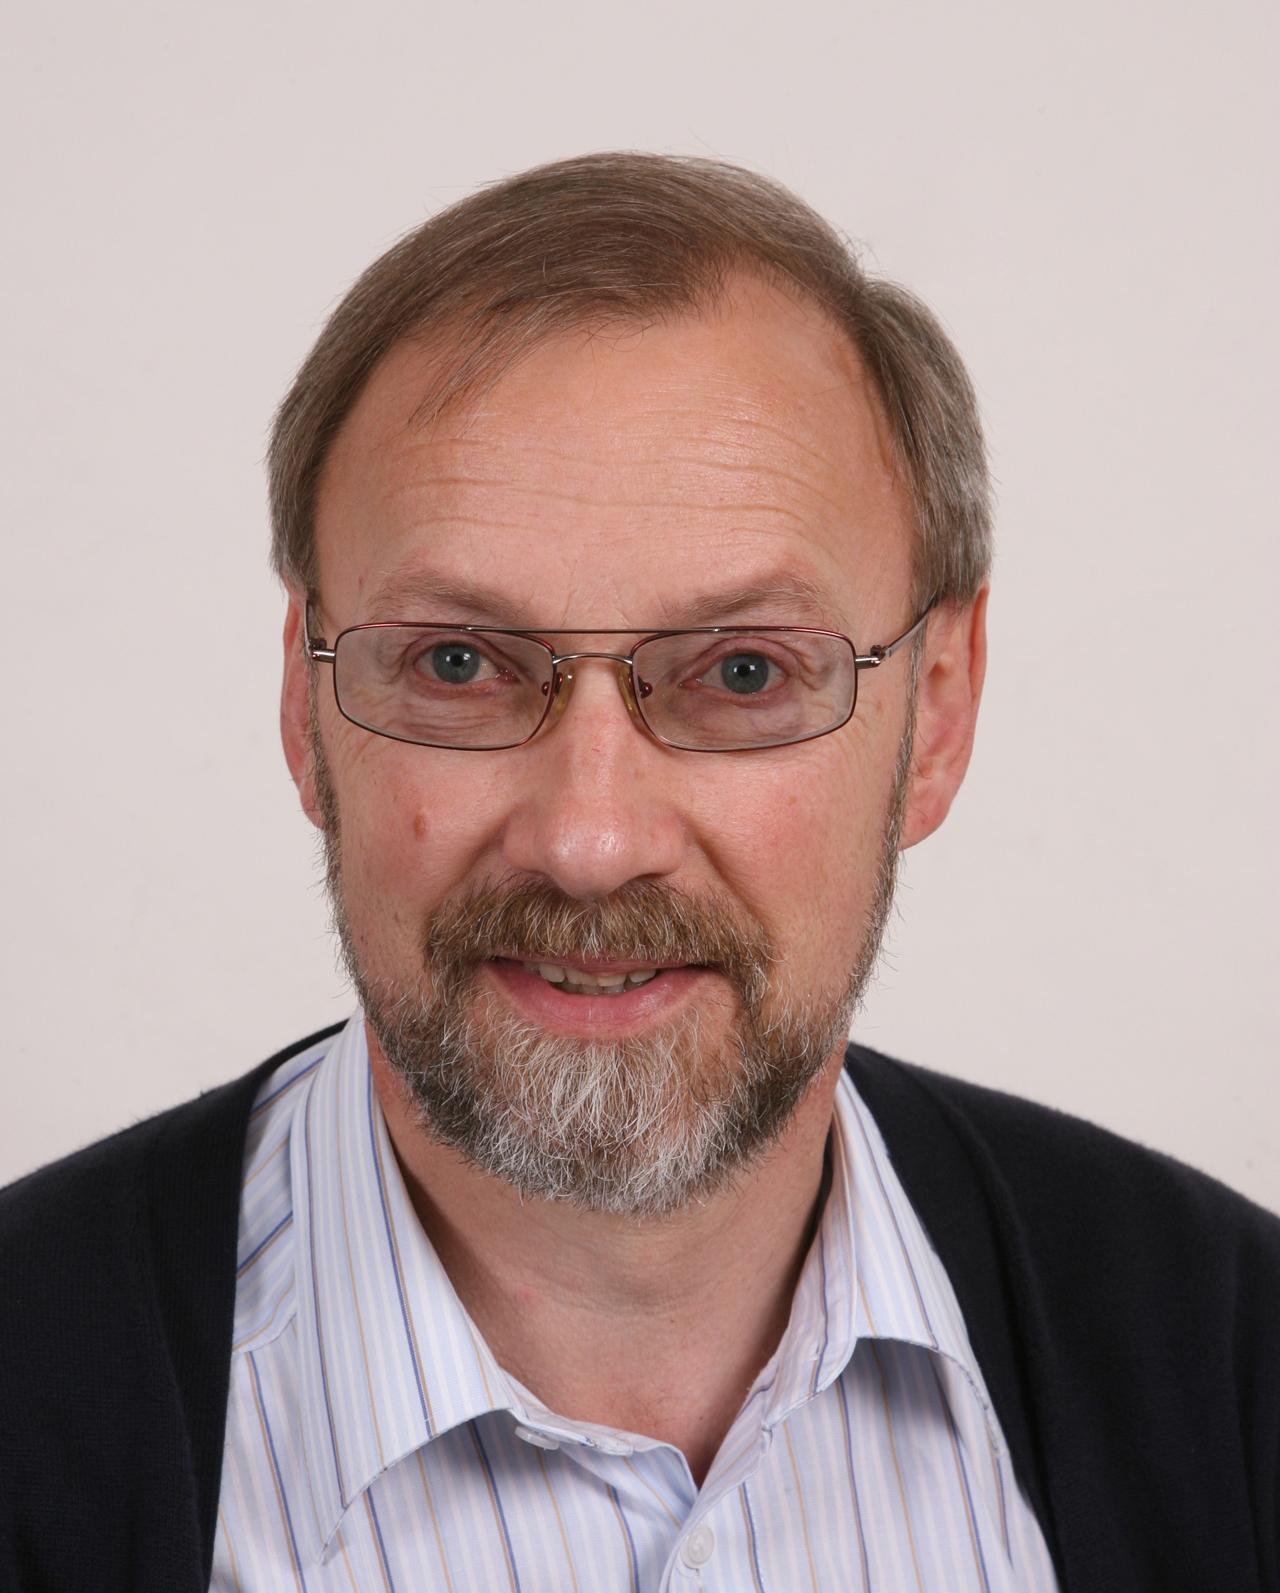 Helmut Katein